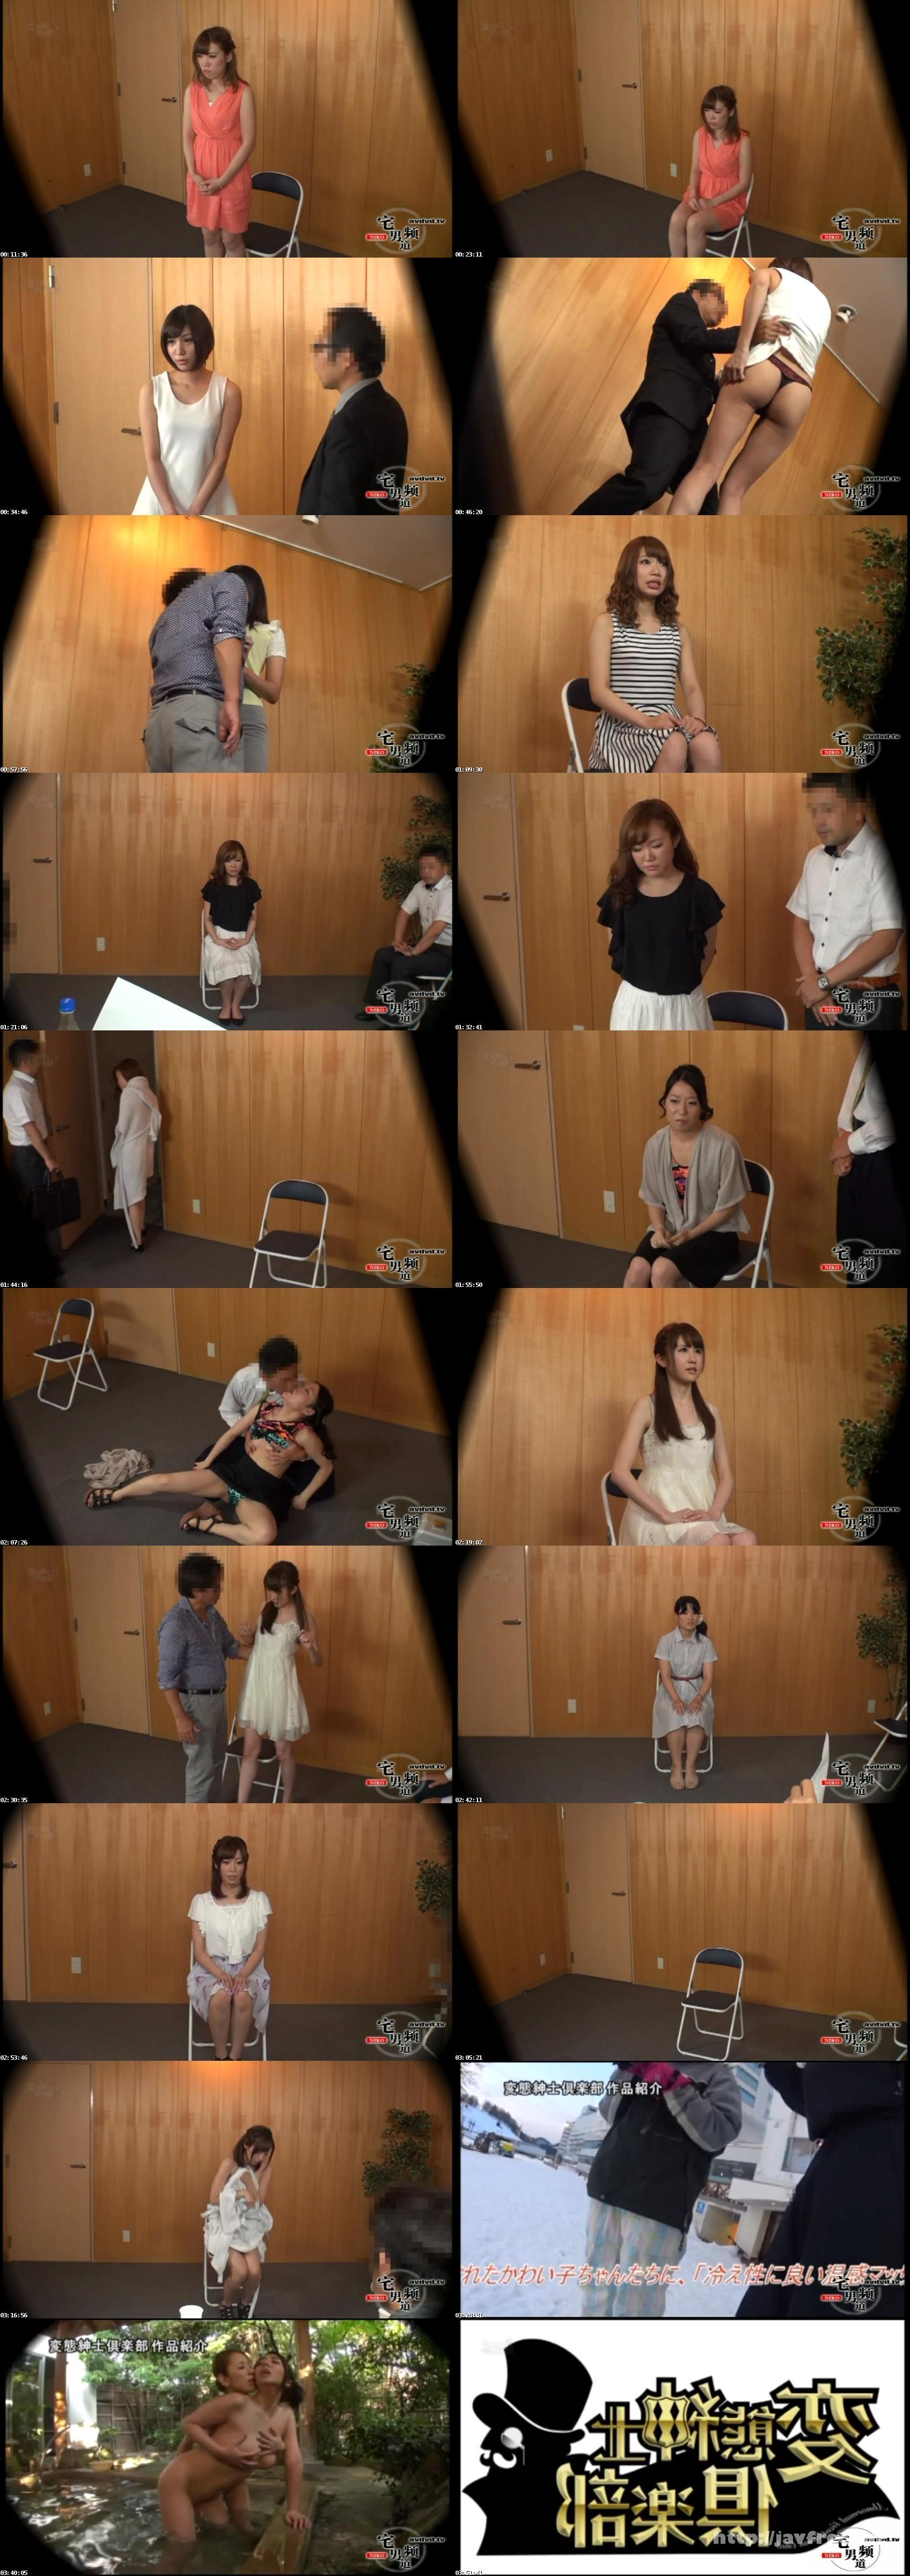 [CLUB 247] 偽の猥褻映画をでっちあげ、新人女優たちを羞恥面接!「映画の為ならなんでもします」という美少女たちに、ラブシーンの審査と称して隣にいたマネージャーとキスをさせたり、服を脱がせてセクハラしまくった盗撮映像 CLUB